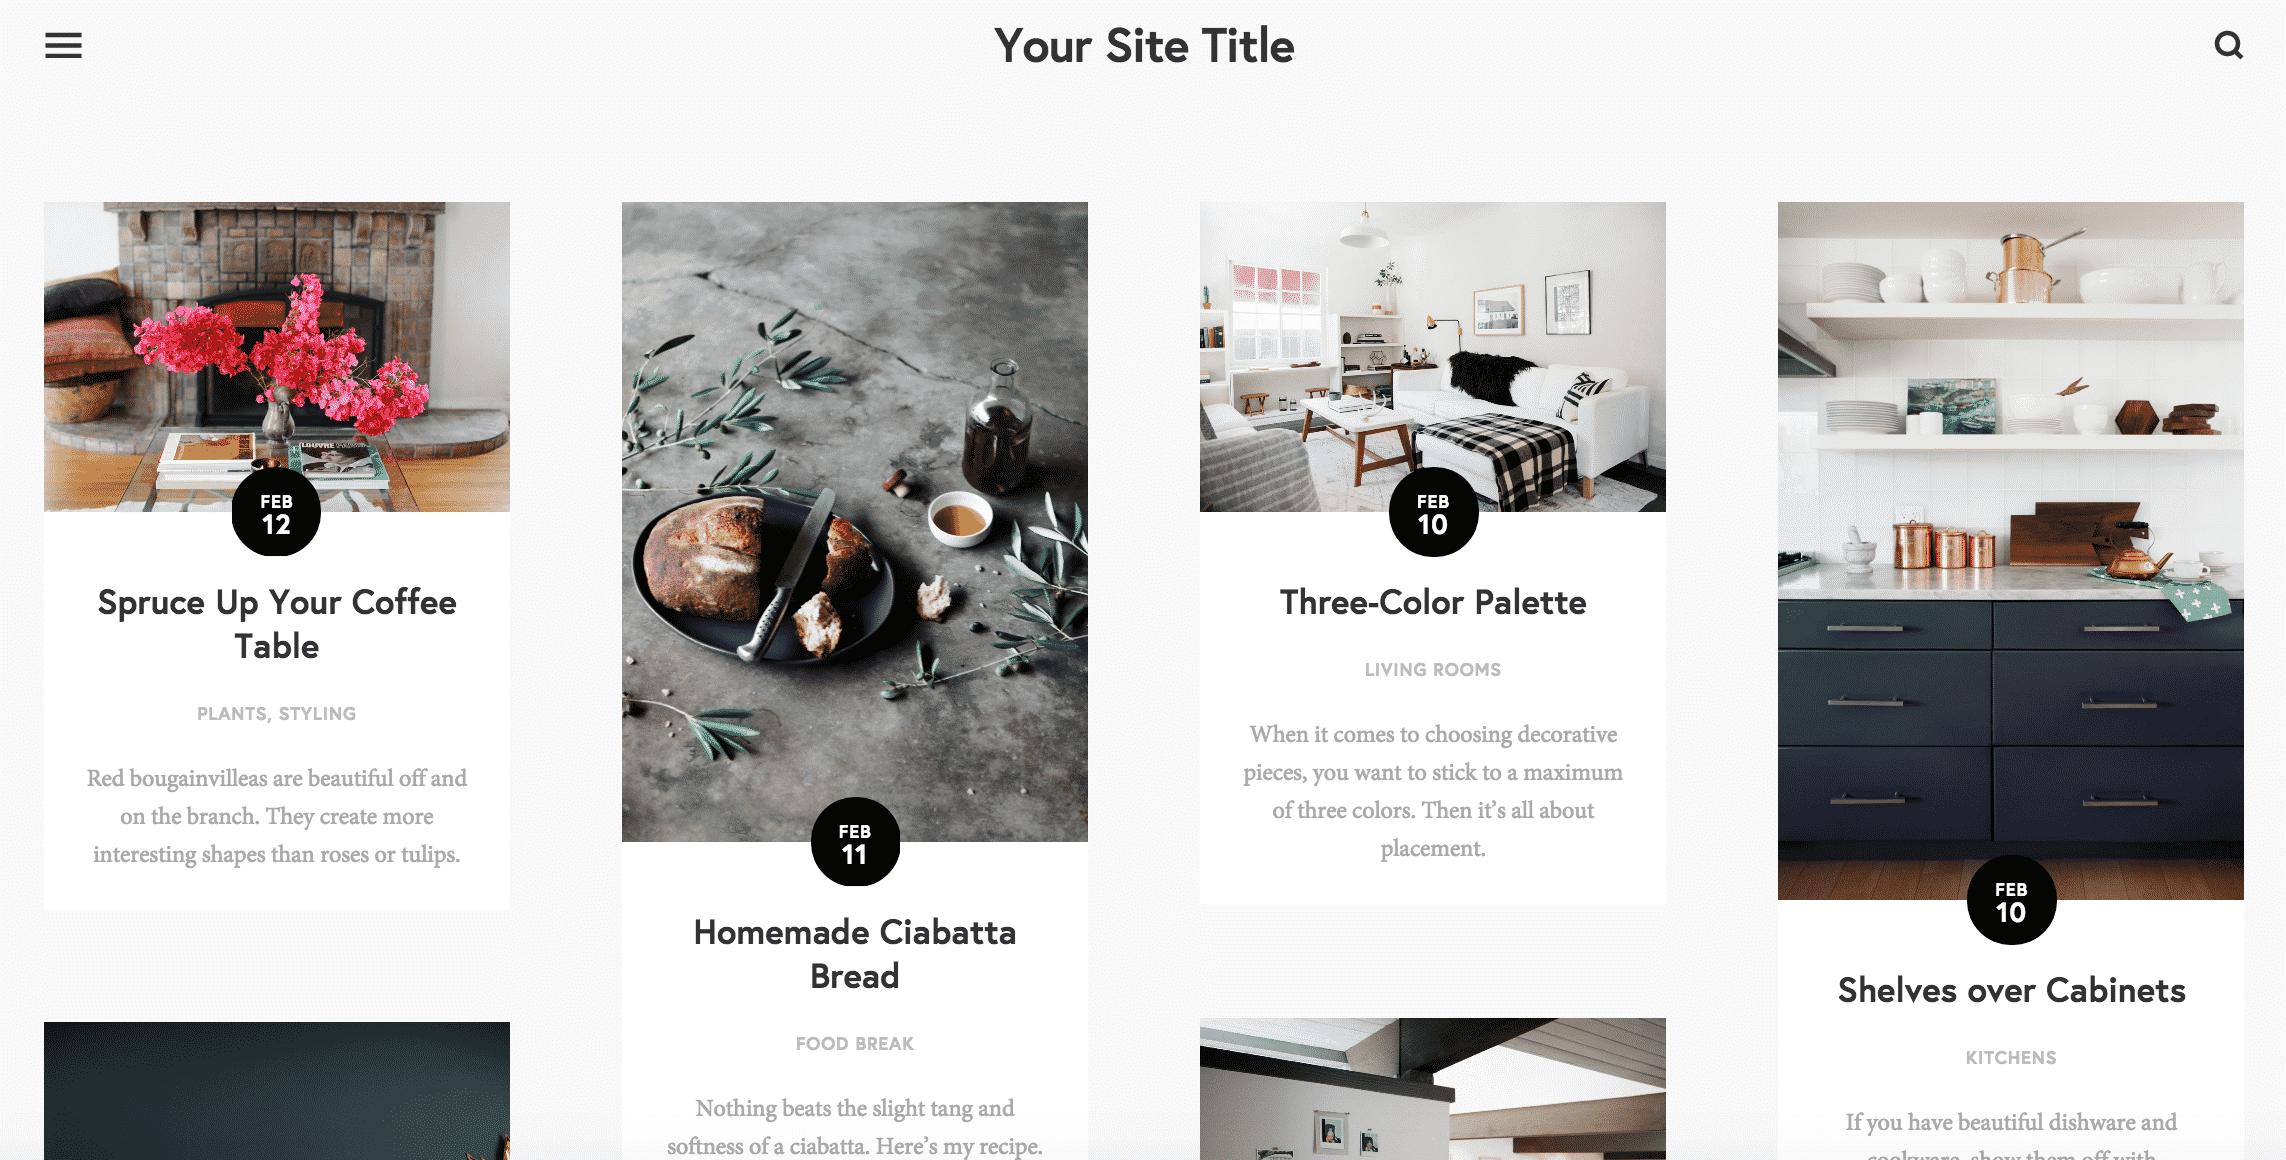 Squarespace as a Blogging Platform